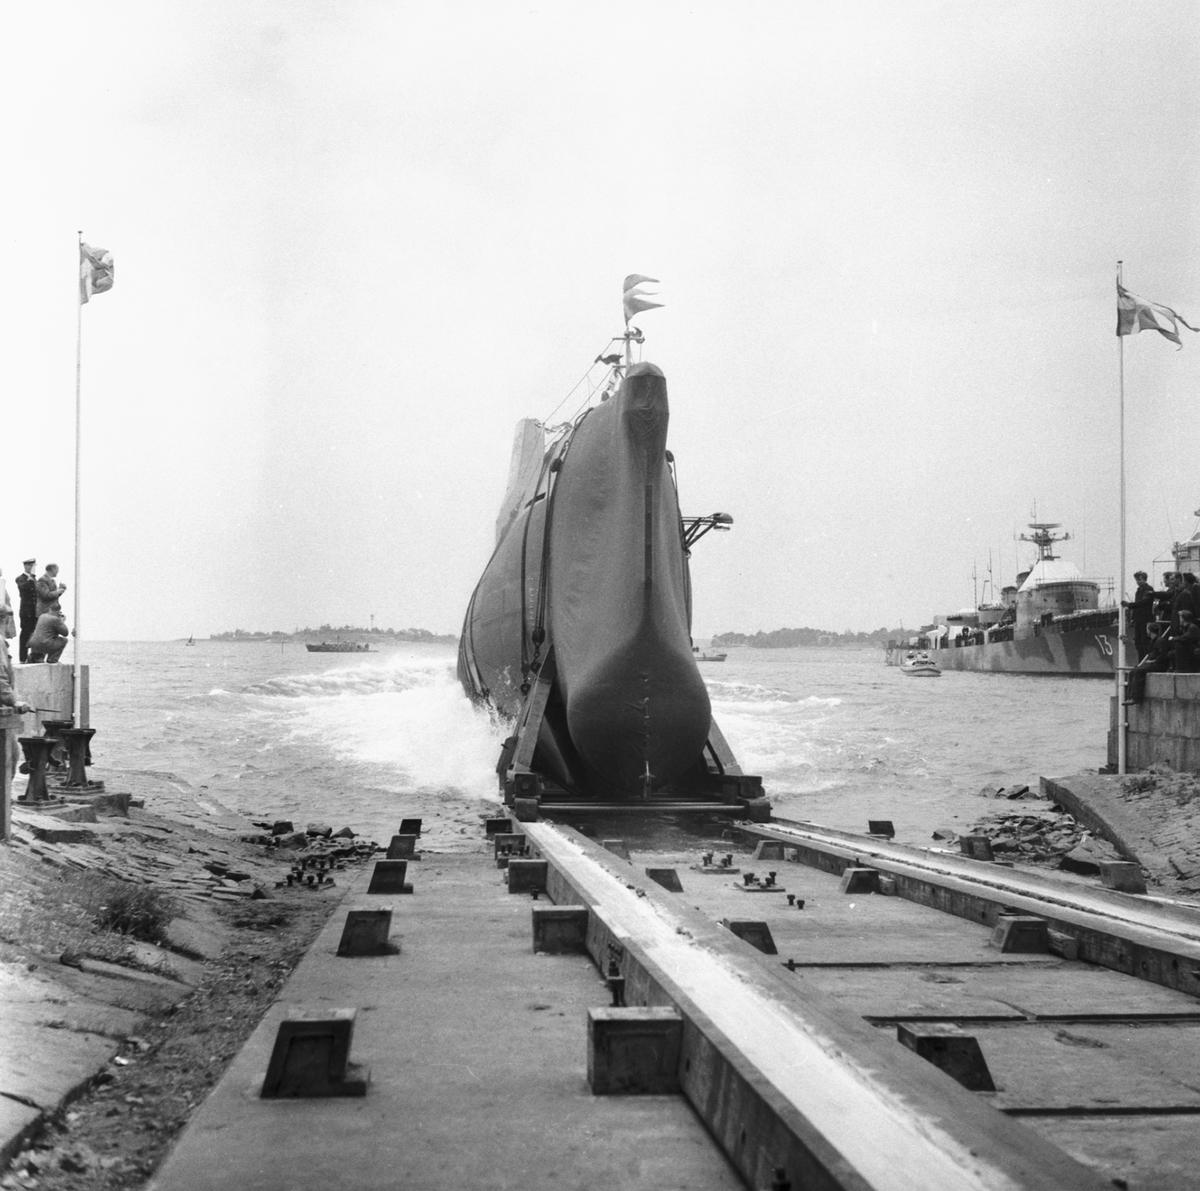 Fartyg: GRIPEN                          Övrigt: Sjösättning av ubåten Gripen